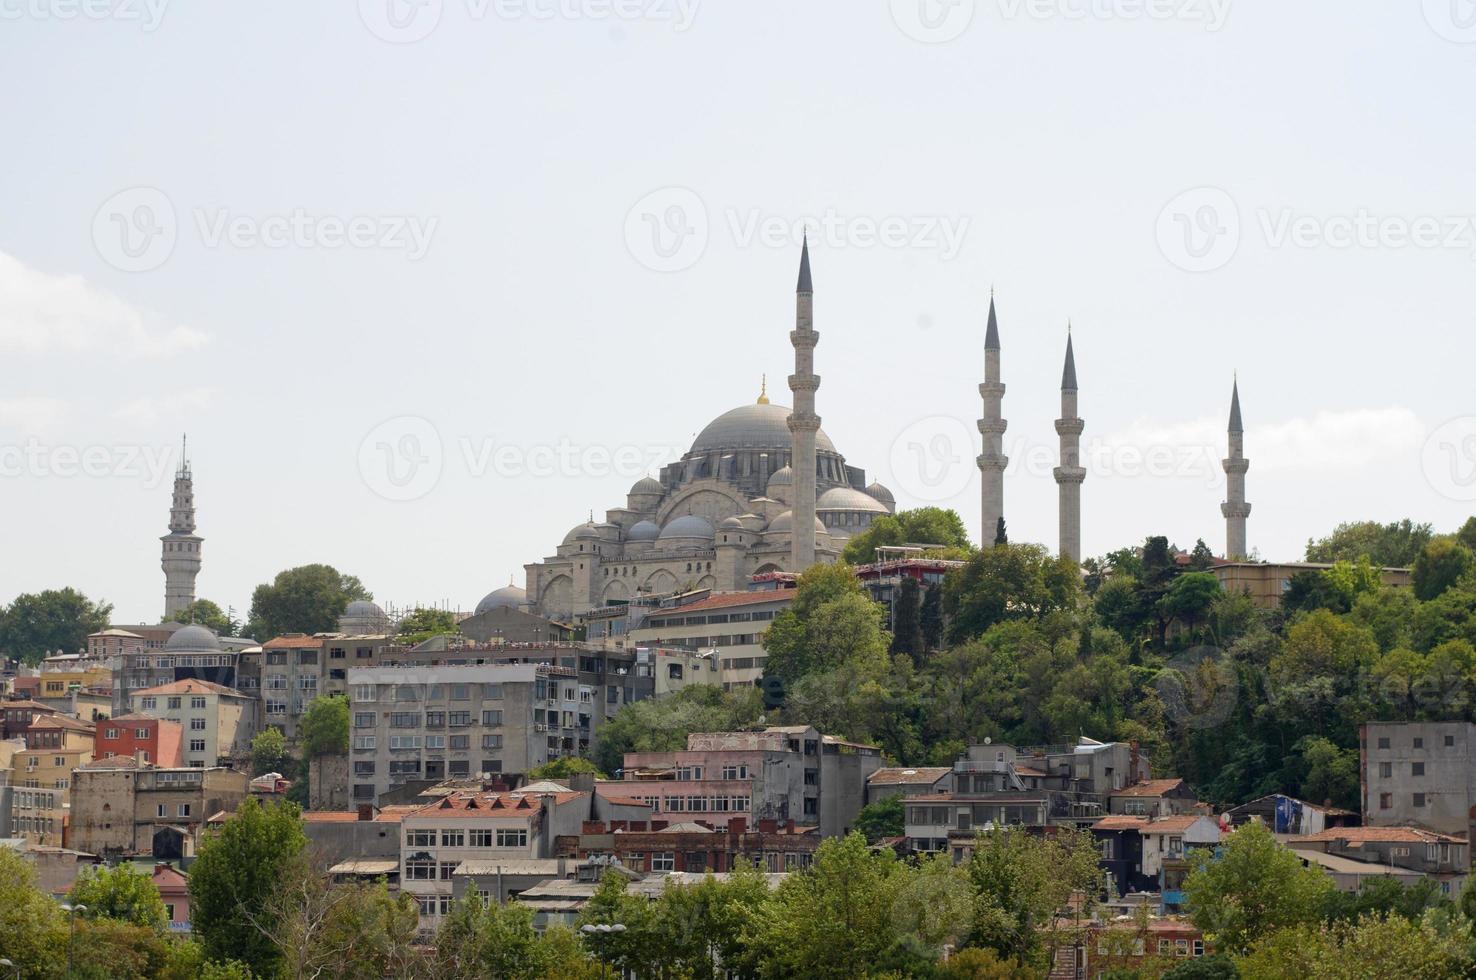 vista di suleymaniye camii (suleymaniye mosque) città di istanbul, turchia foto